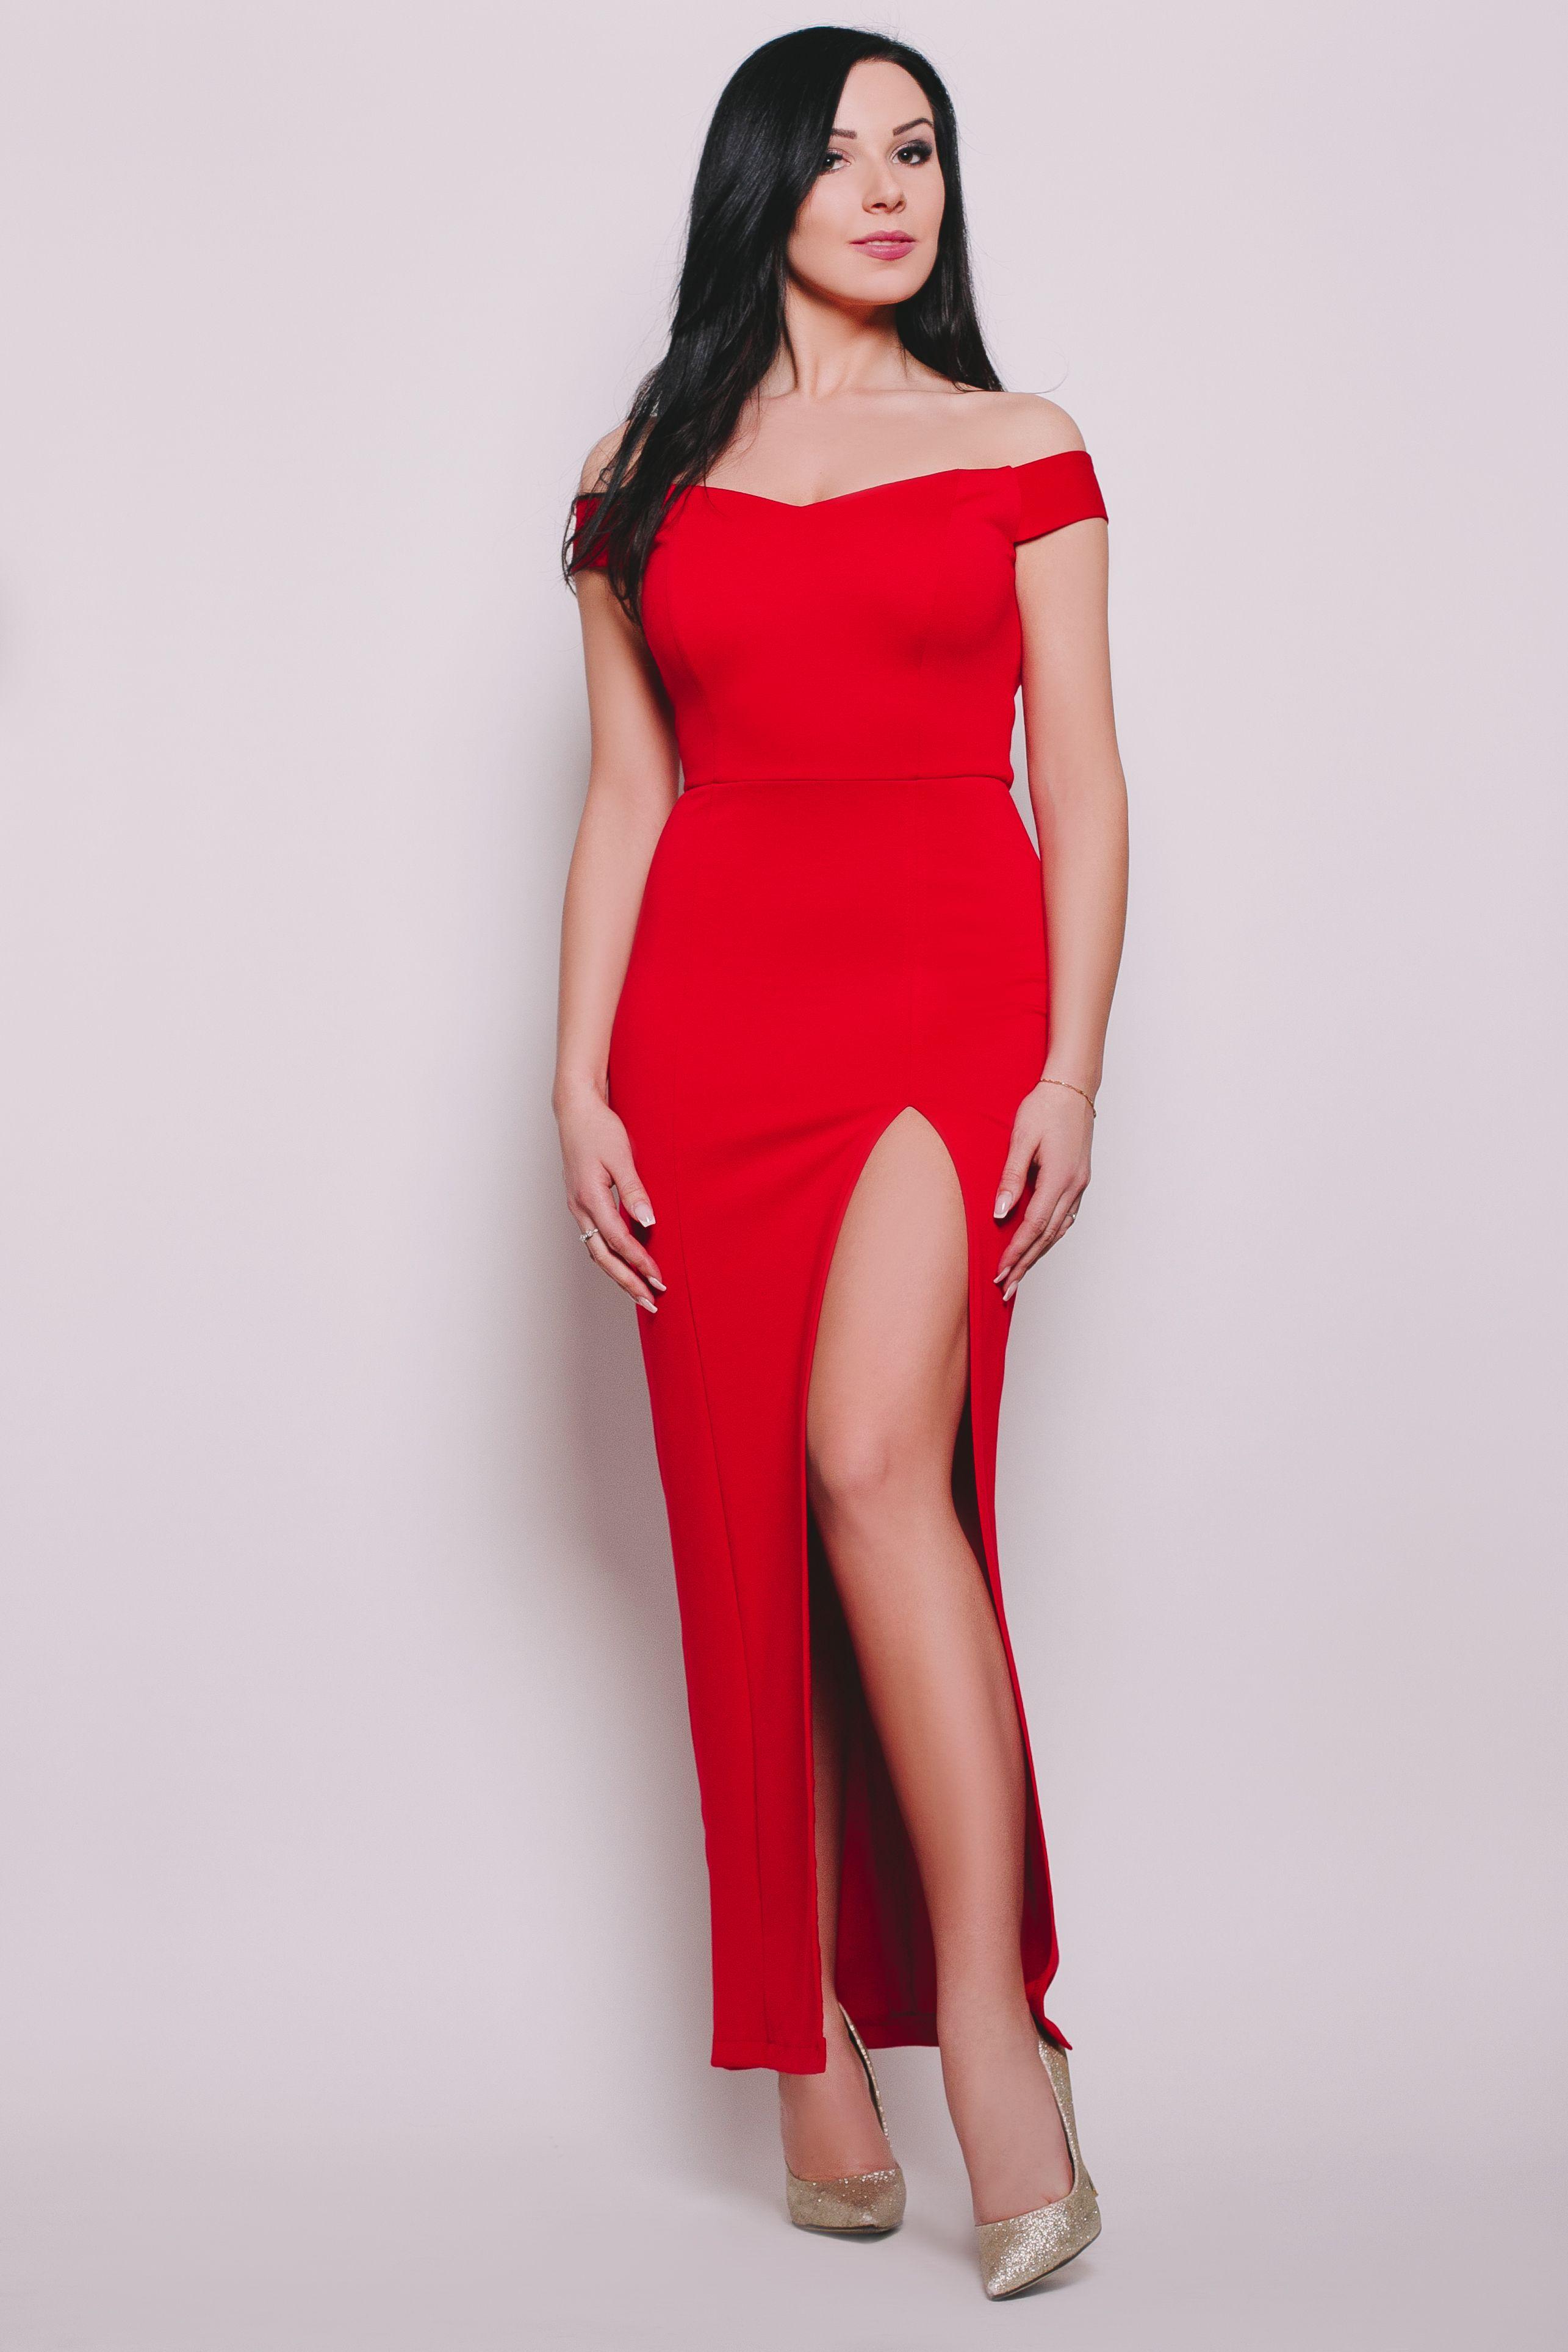 Grace Dluga Elegancka Sukienka Z Seksownym Rozcieciem Wykonana Z Elastycznego Materialu Dzieki Czemu Idealnie Podkresla Fashion One Shoulder Dress Dresses